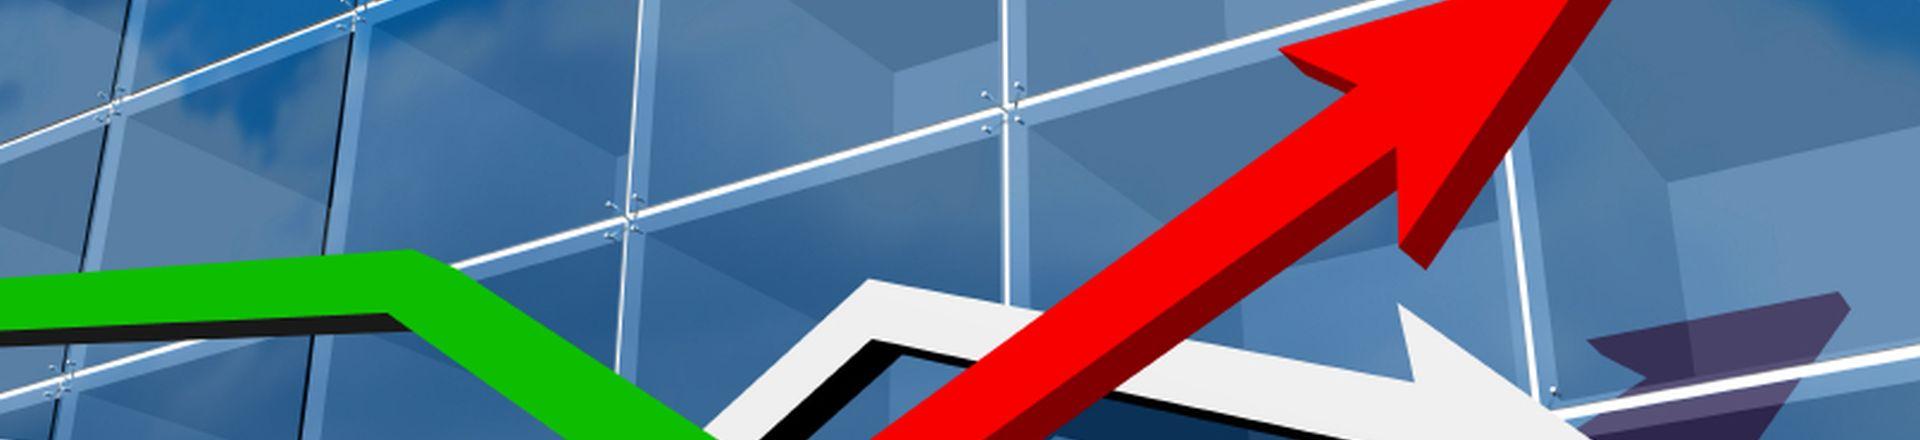 Dynamiczna firma – kluczowe czynniki sukcesu w biznesie nowej generacji